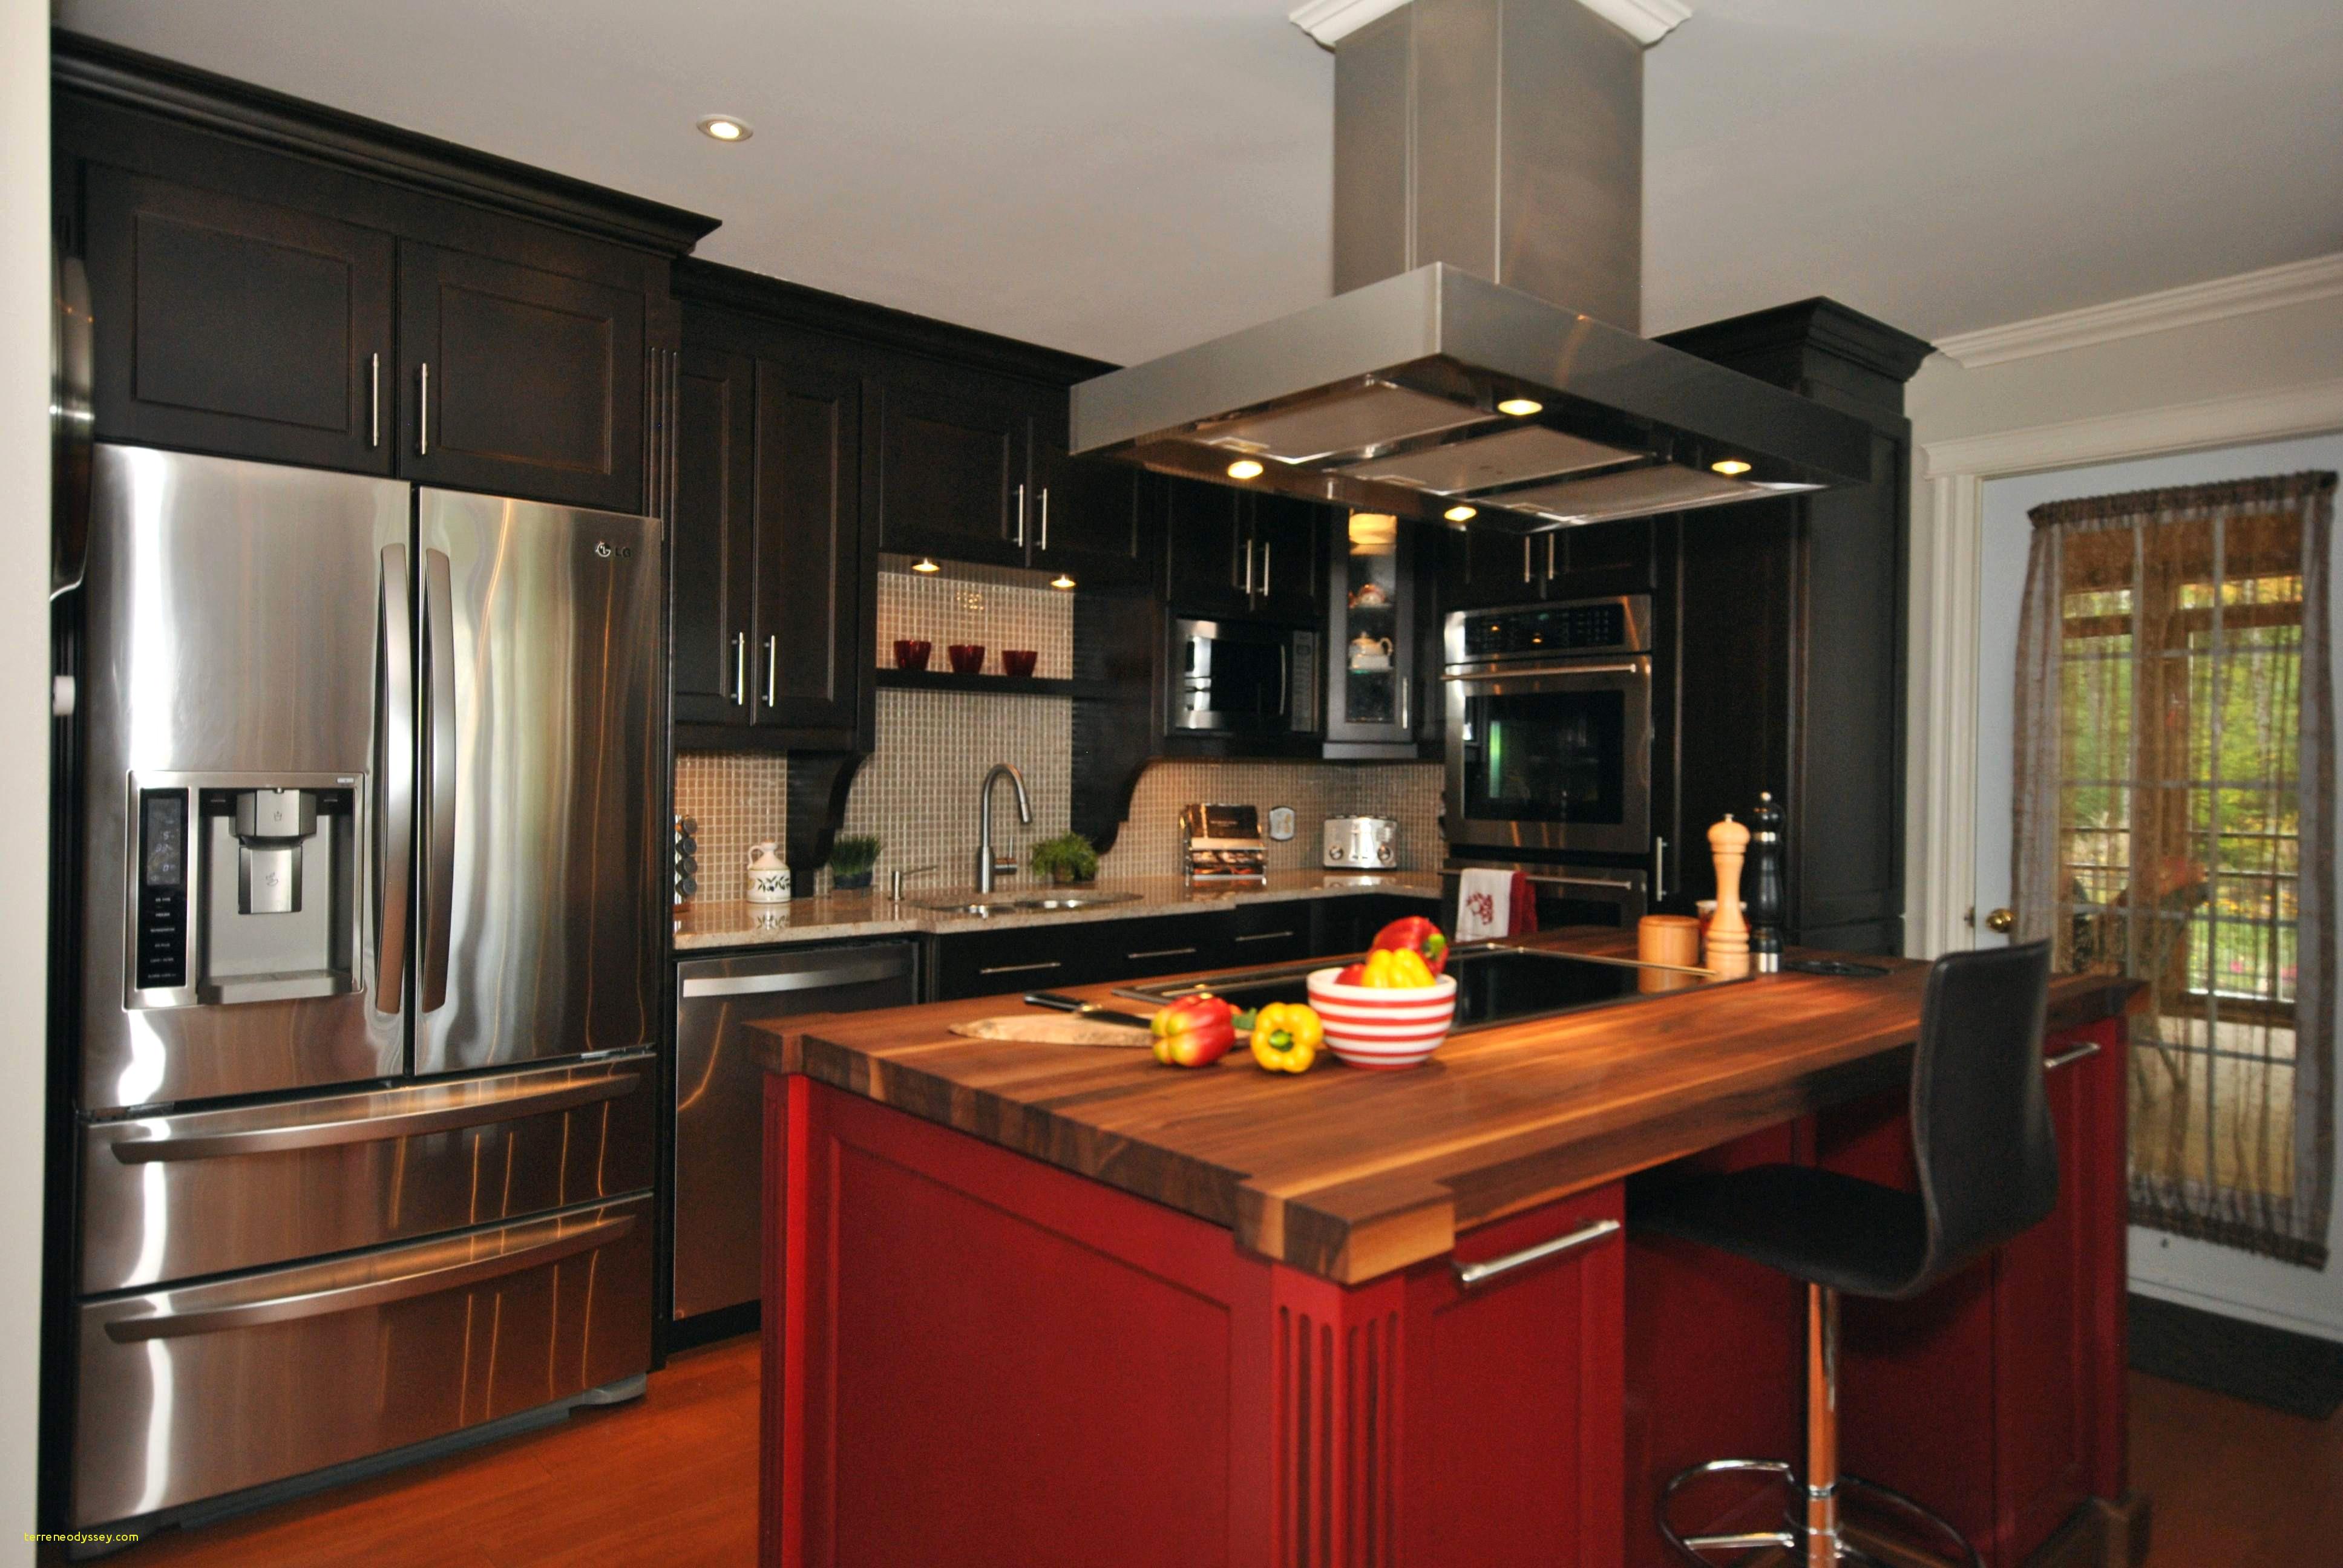 Moderniser Cuisine Rustique Inspirant Photos Résultat Supérieur Cuisine Rustique Merveilleux Cuisine Rustique